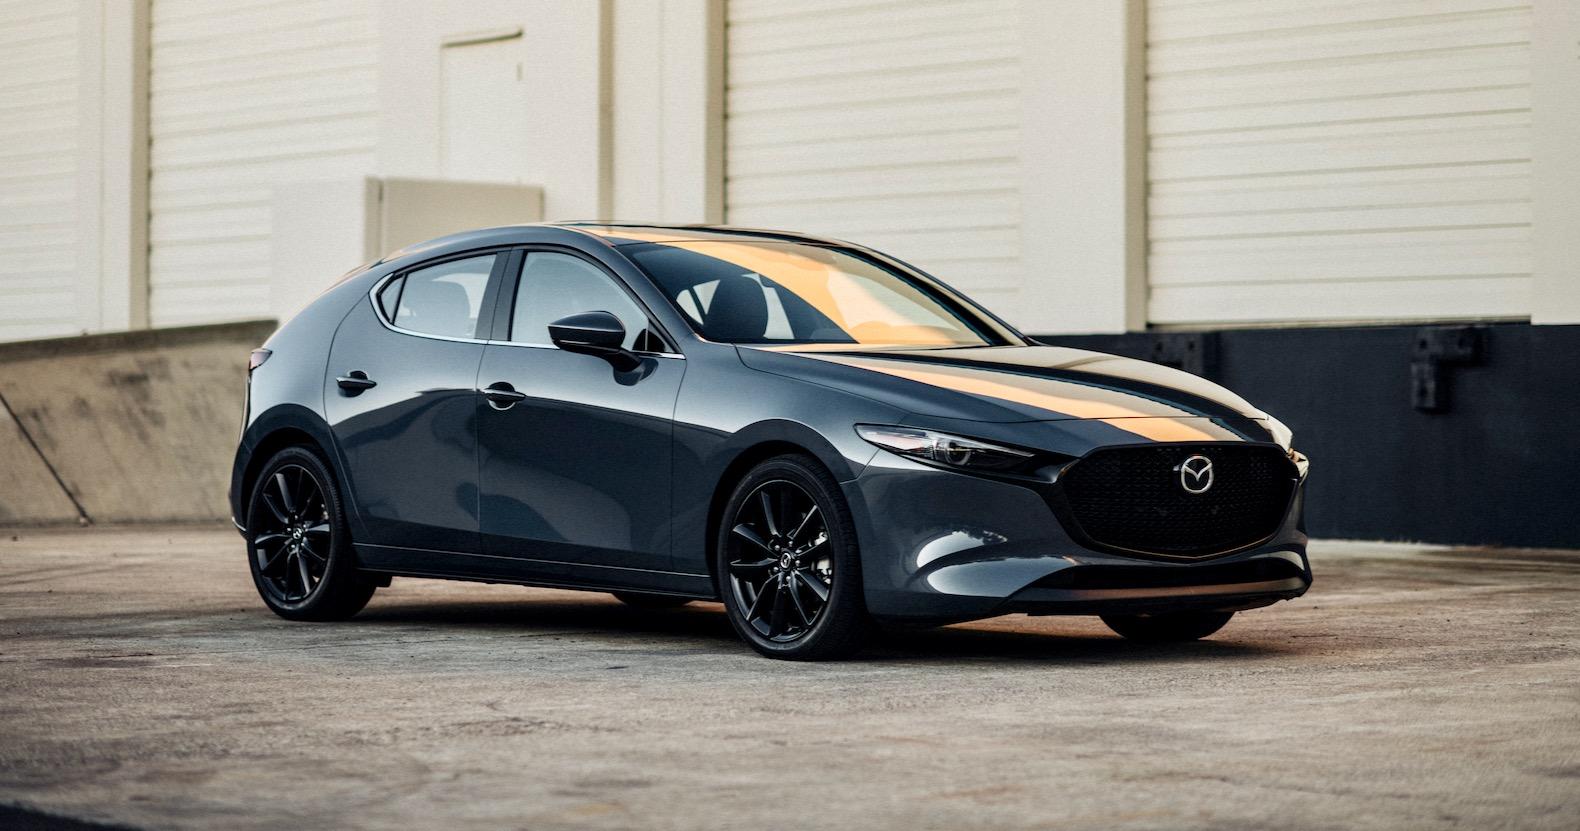 Mazda podría lanzar un Mazda3 con motor turbo y tracción total en 2021